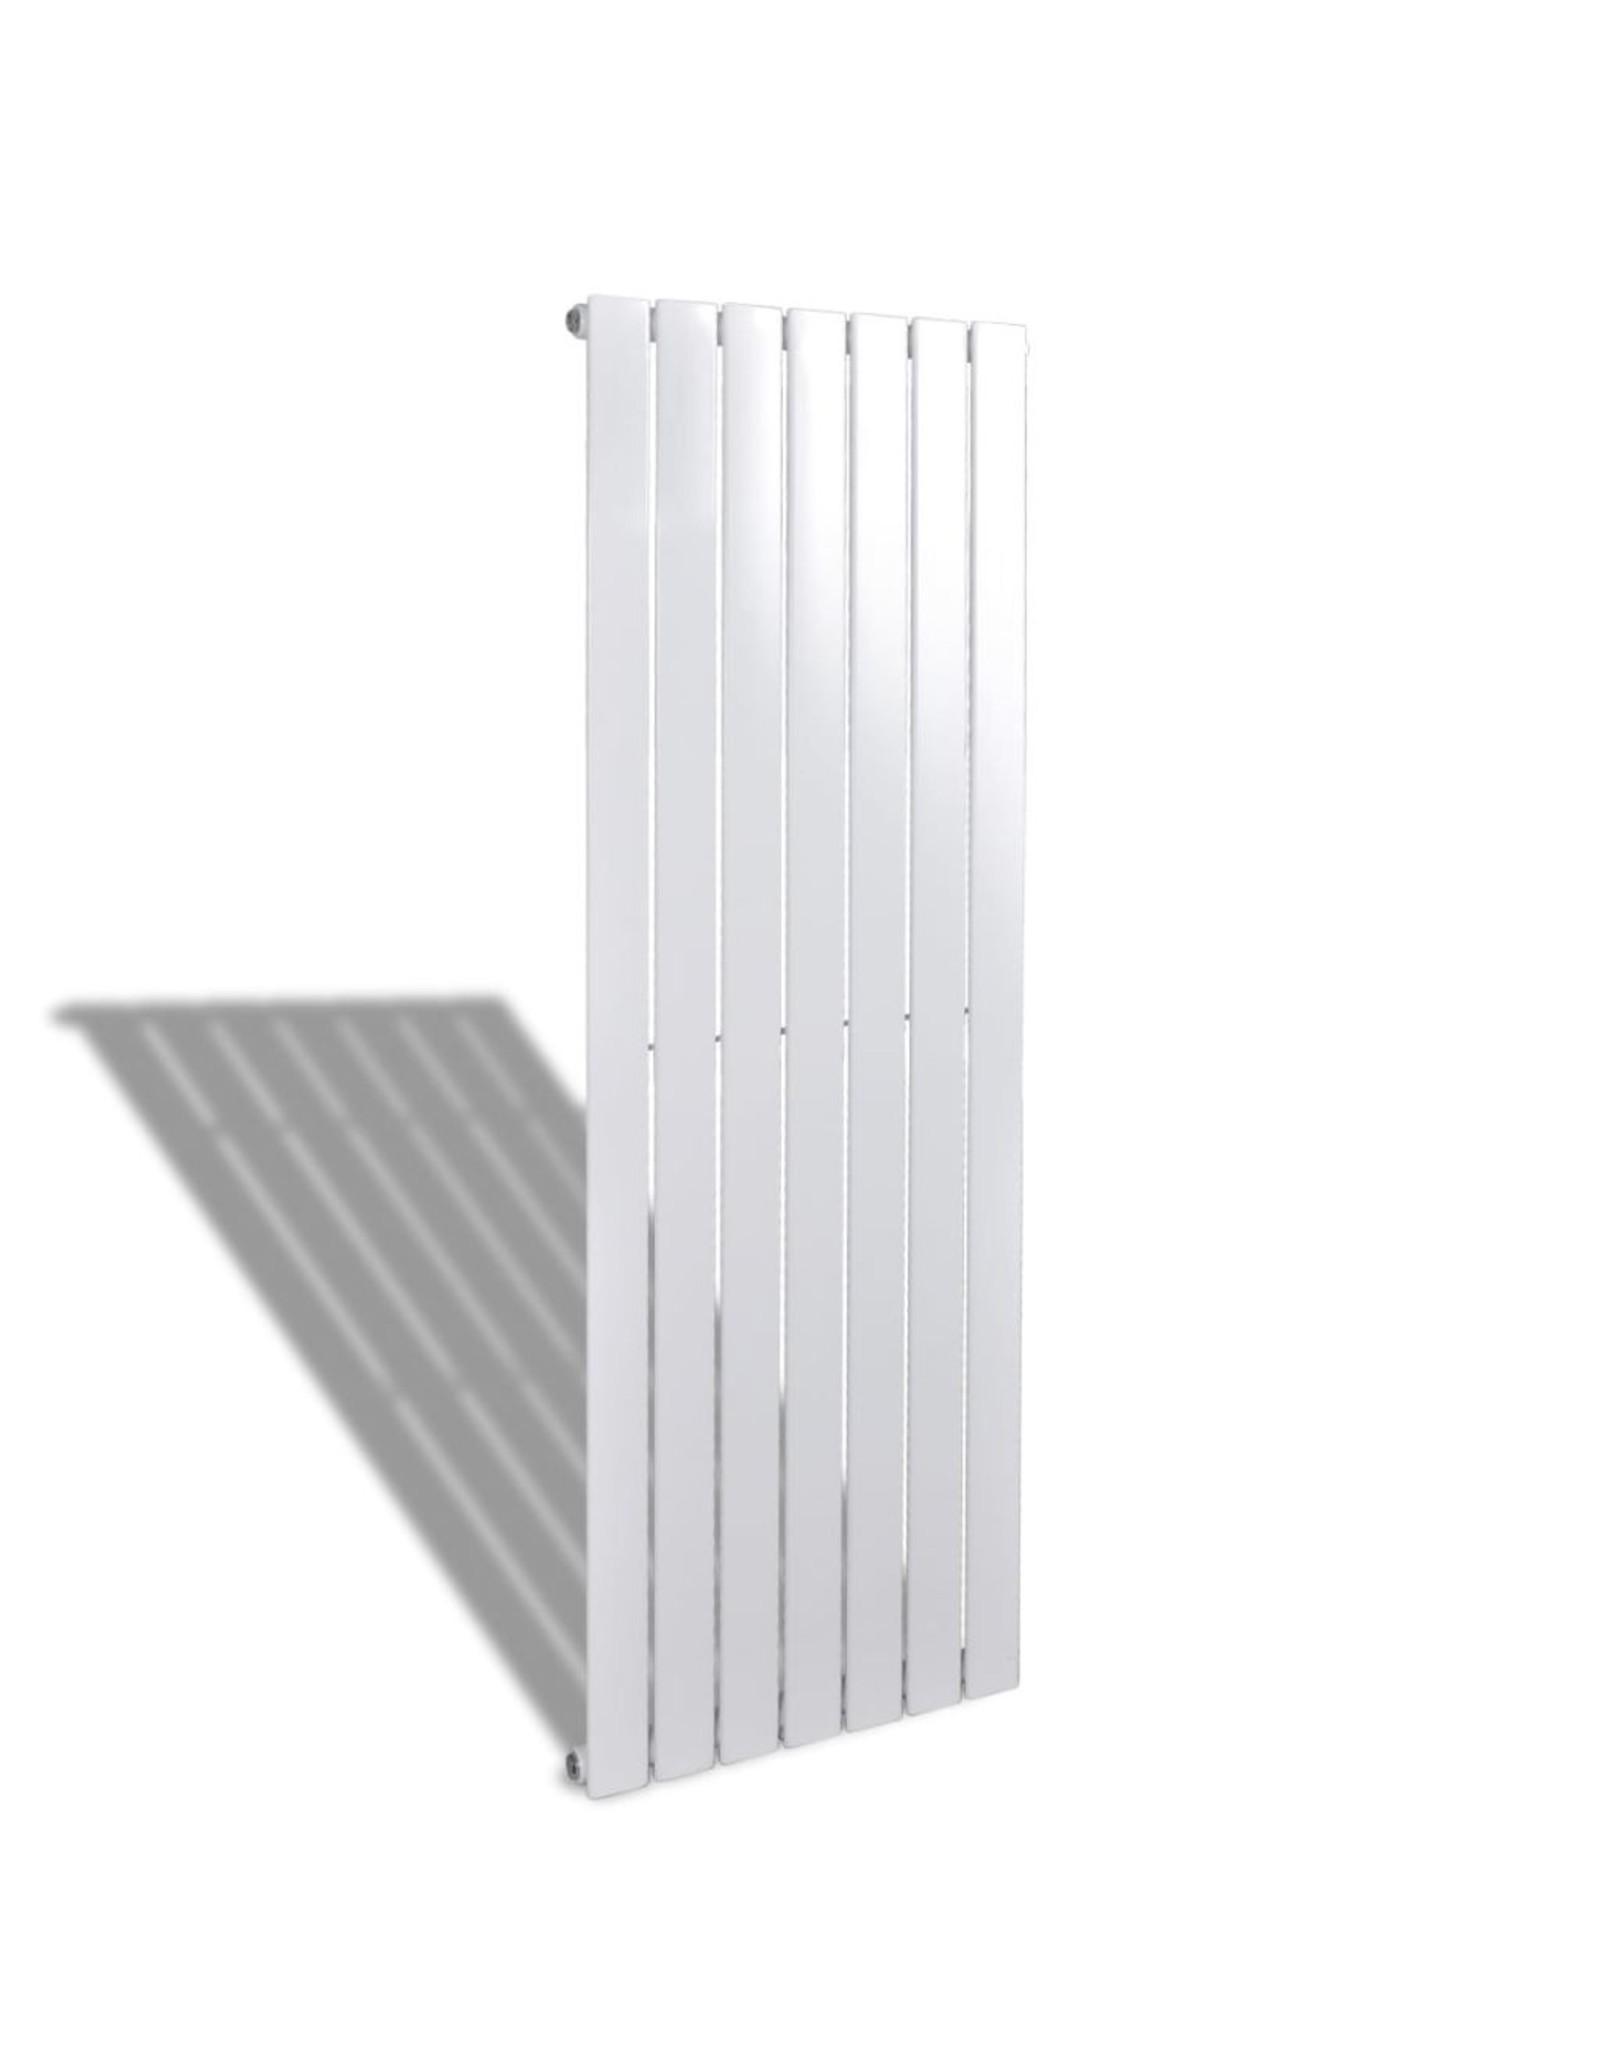 Enkele verwarmingsradiator wit 542 mm x 1500 mm plus handdoekrek